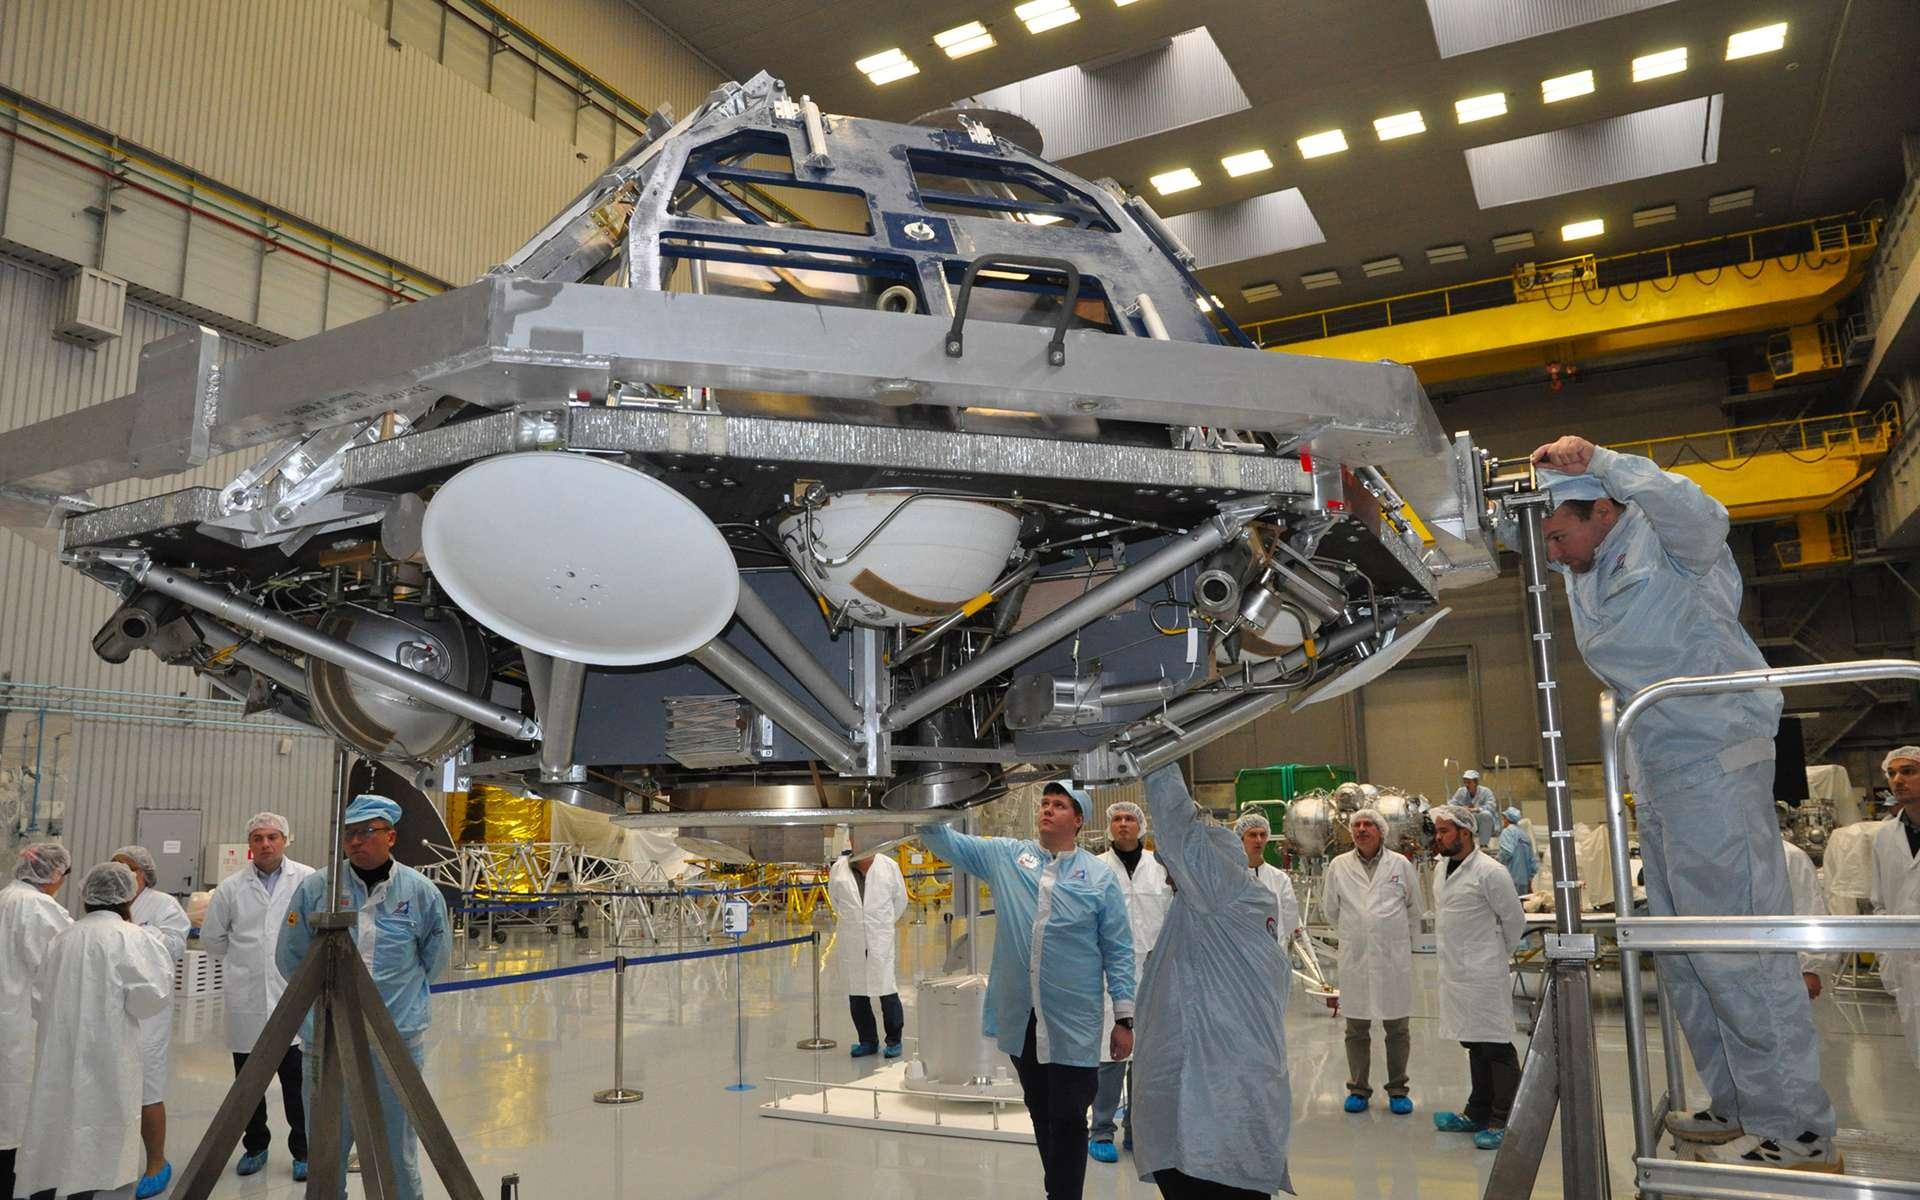 Modèle d'essai à l'échelle 1 de la plateforme d'atterrissage de la mission ExoMars 2020. © Lavochkin Association